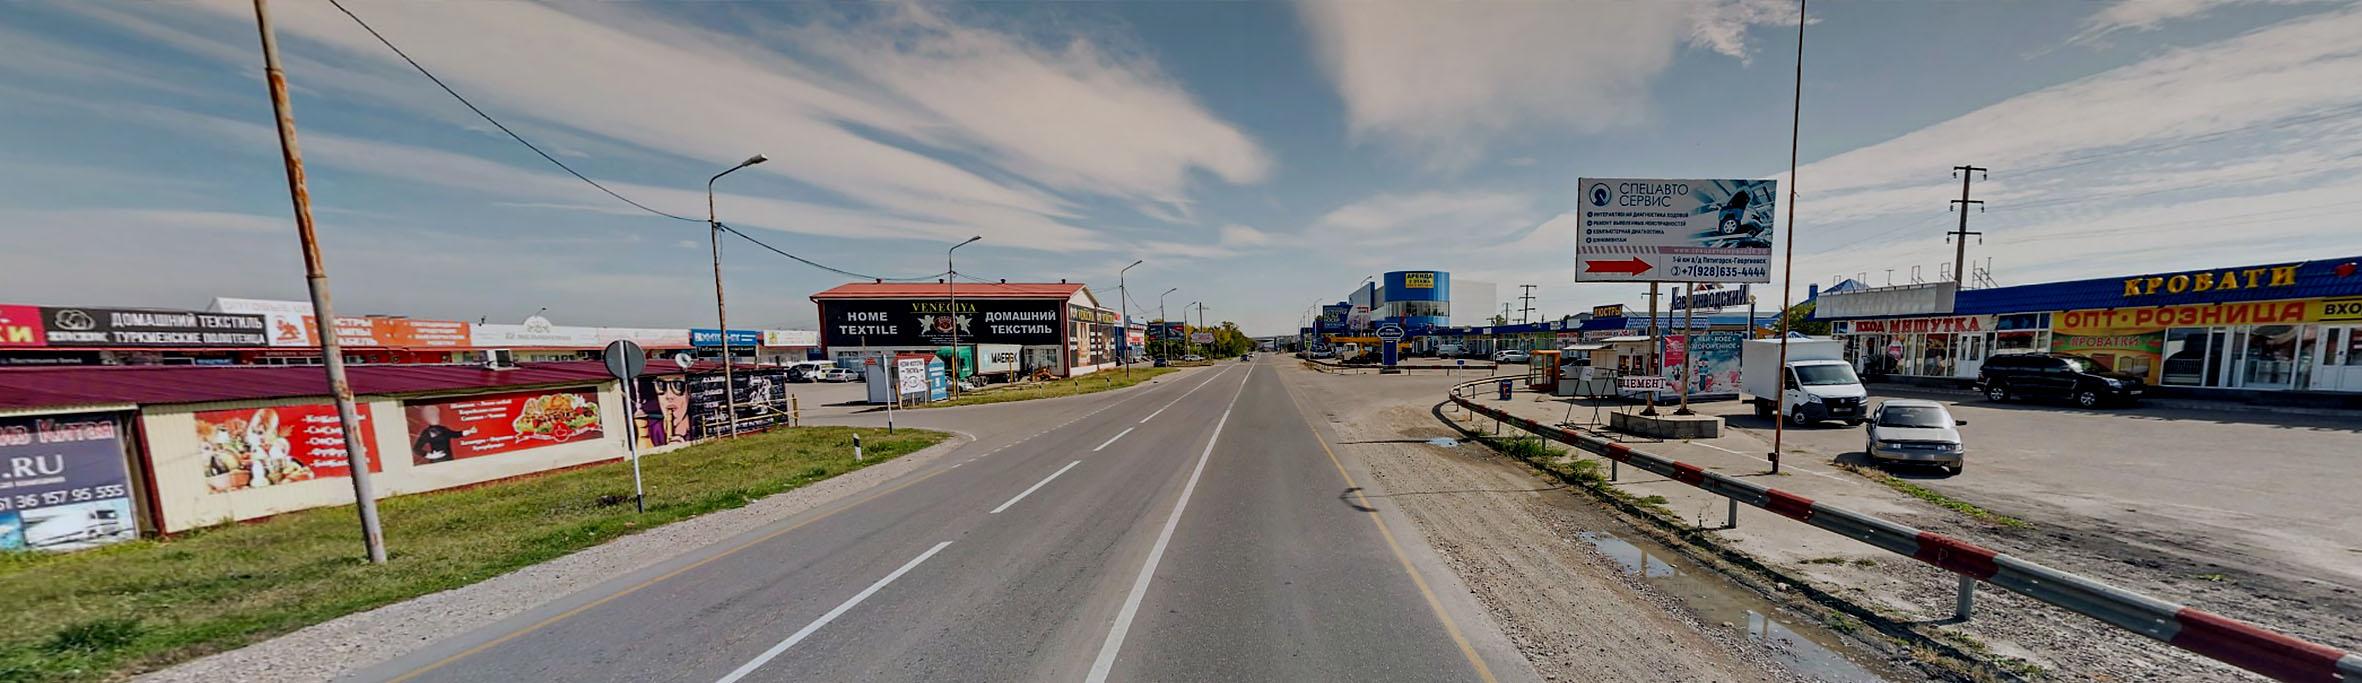 Реклама на билбордах в Ставропольском крае КМВ